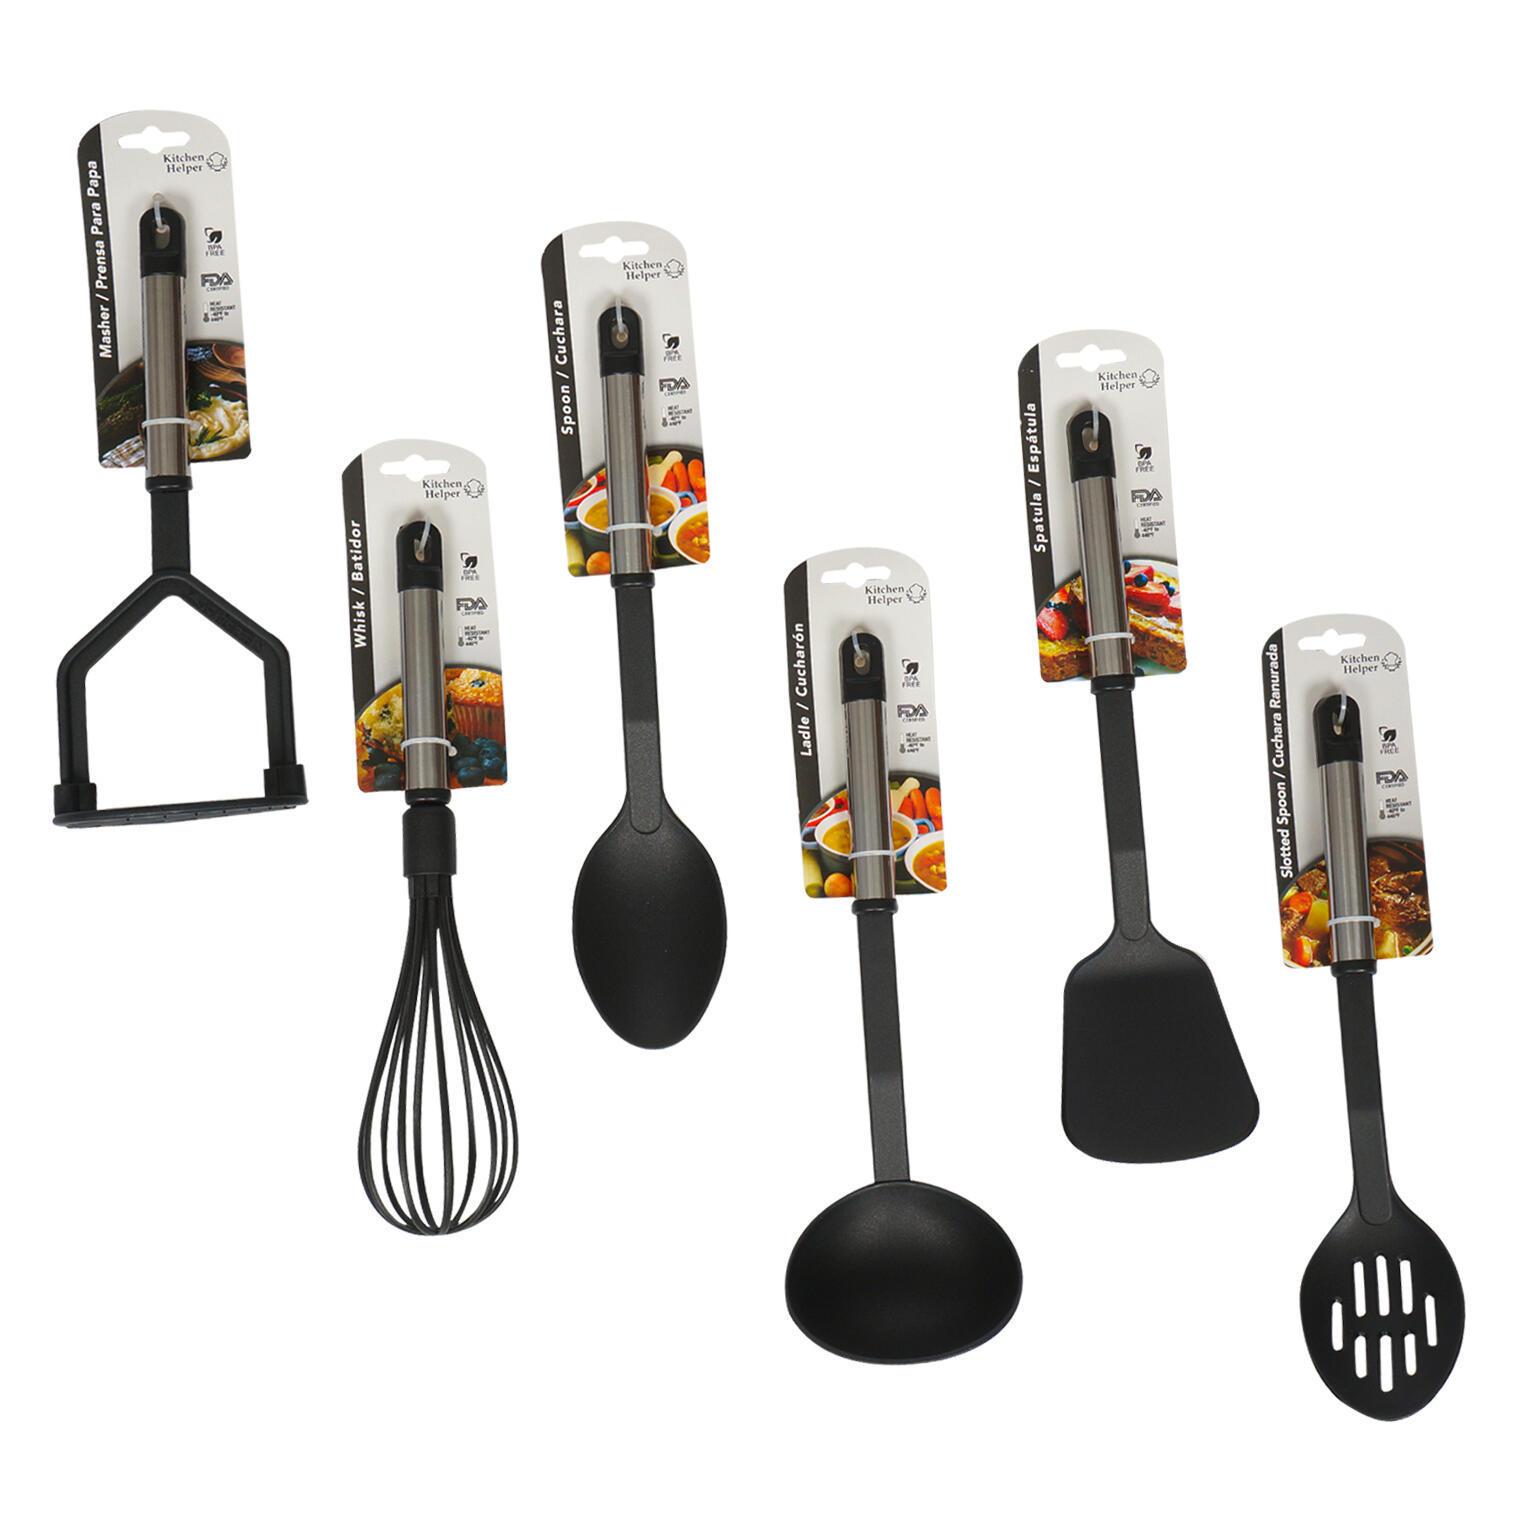 Aluminum & Plastic Kitchen TOOLS Assortment - Black [2349882]